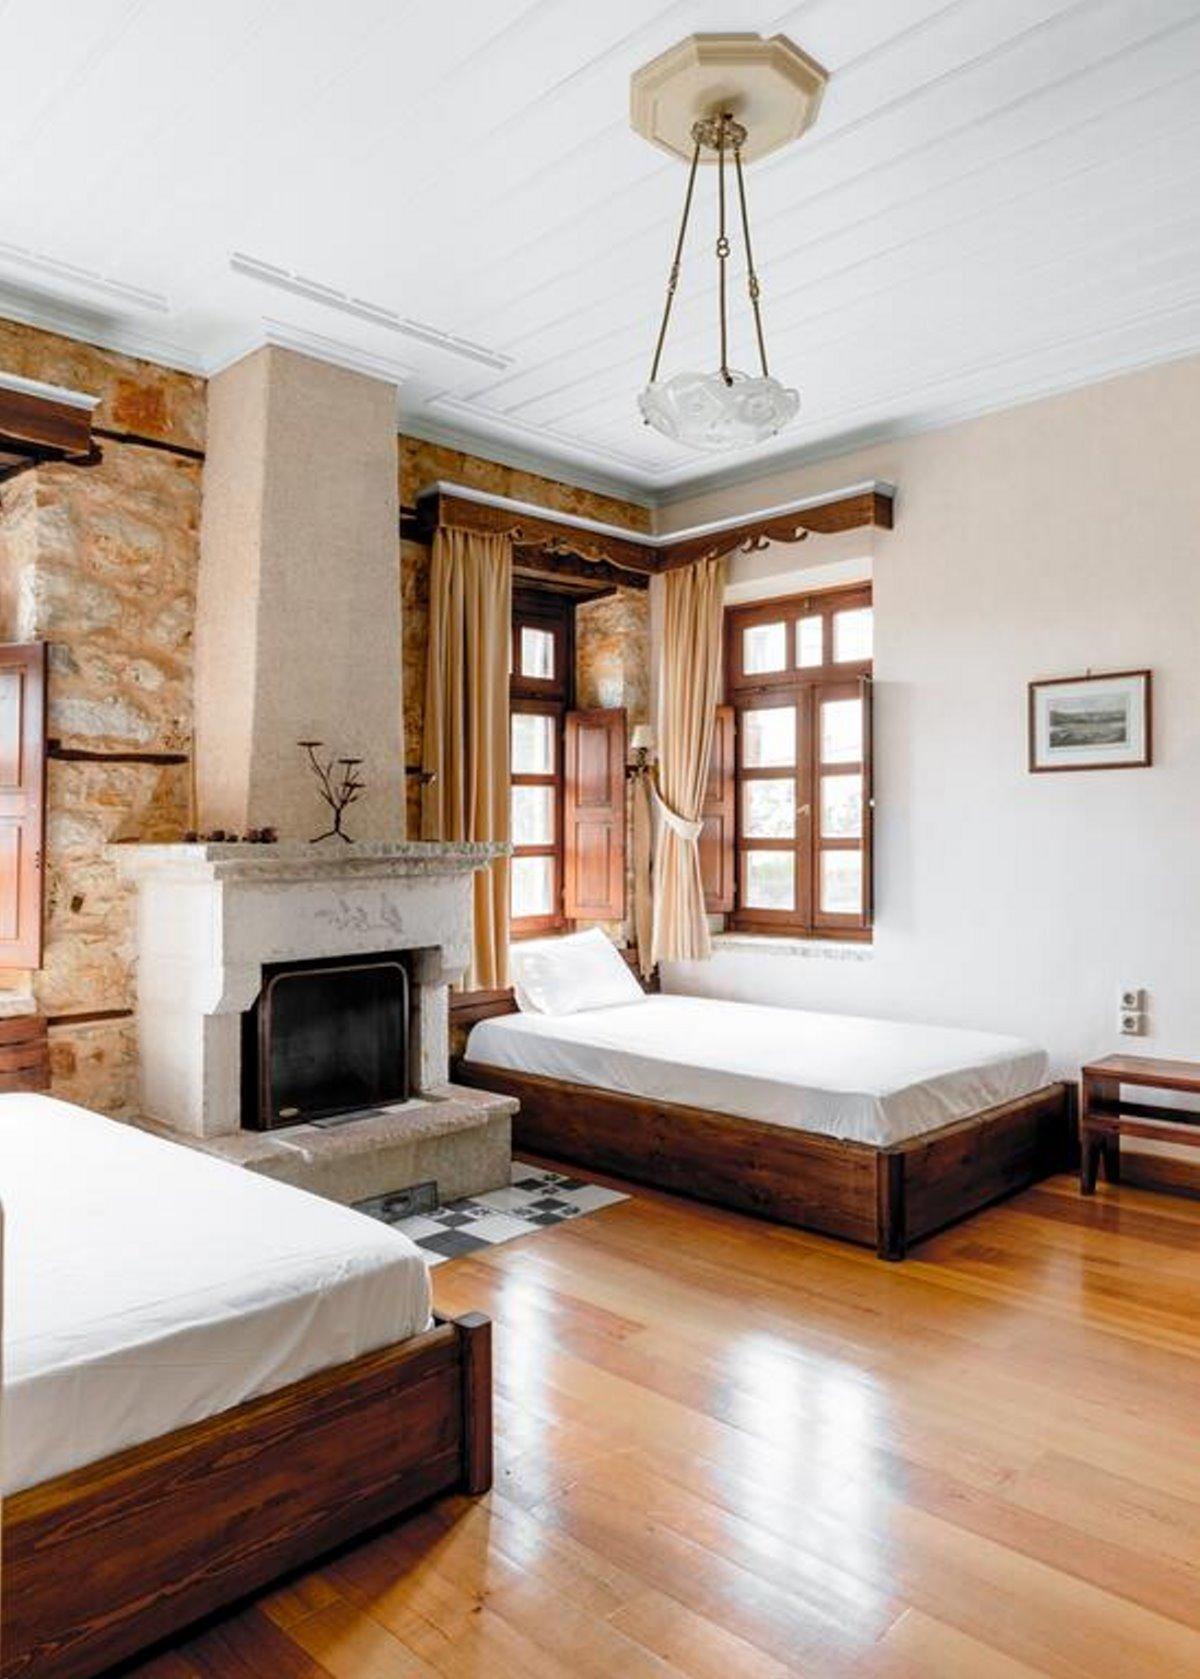 Πωγώνι ακριτικό χωριό Ηπείρου Paeonia Suites δωμάτιο με τζάκι